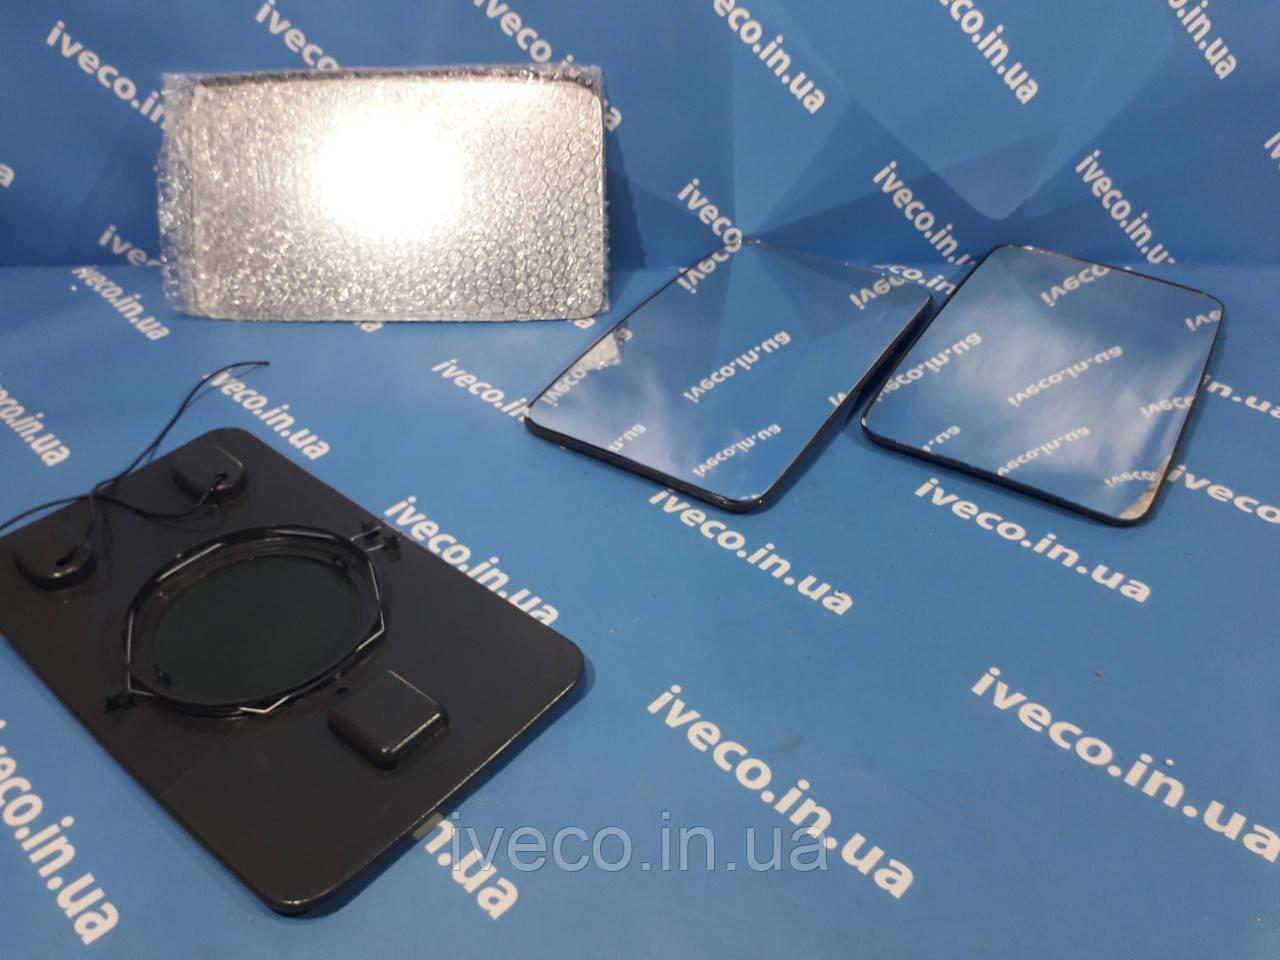 Стекло зеркала заднего вида с подогревом Ивеко IVECO EUROTECH EuroStar Trakker Eurocargo 93190970 93193197